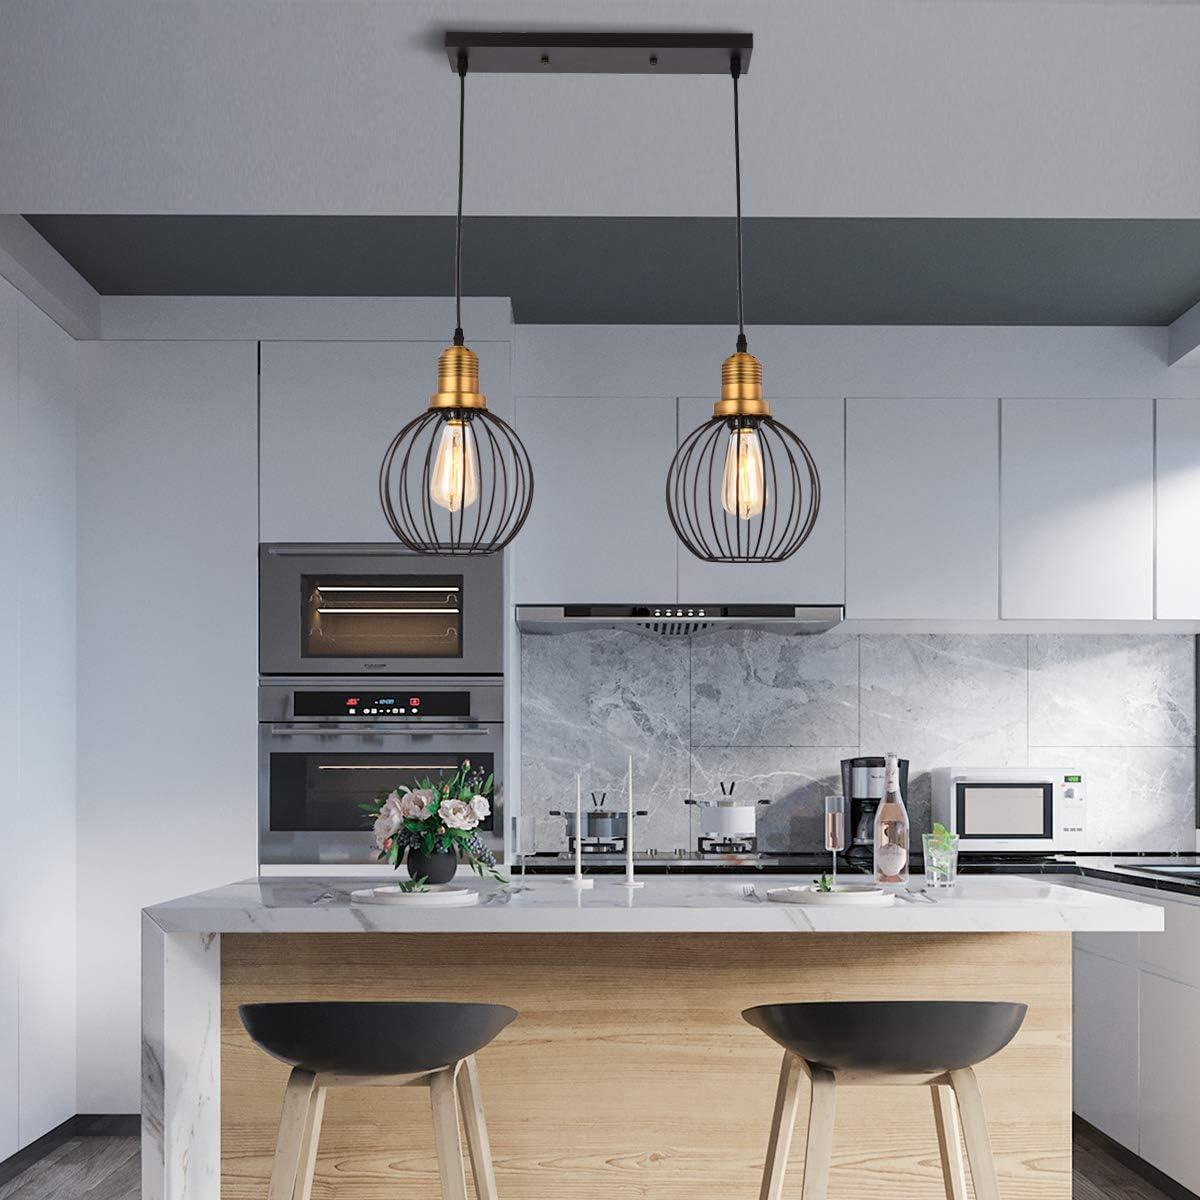 HOXIYA 5 Lights Pendant Lights Vintage Hanging Ceiling Light Fixtures Black Finish Kitchen Pendant Lighting and Dining Room Chandelier